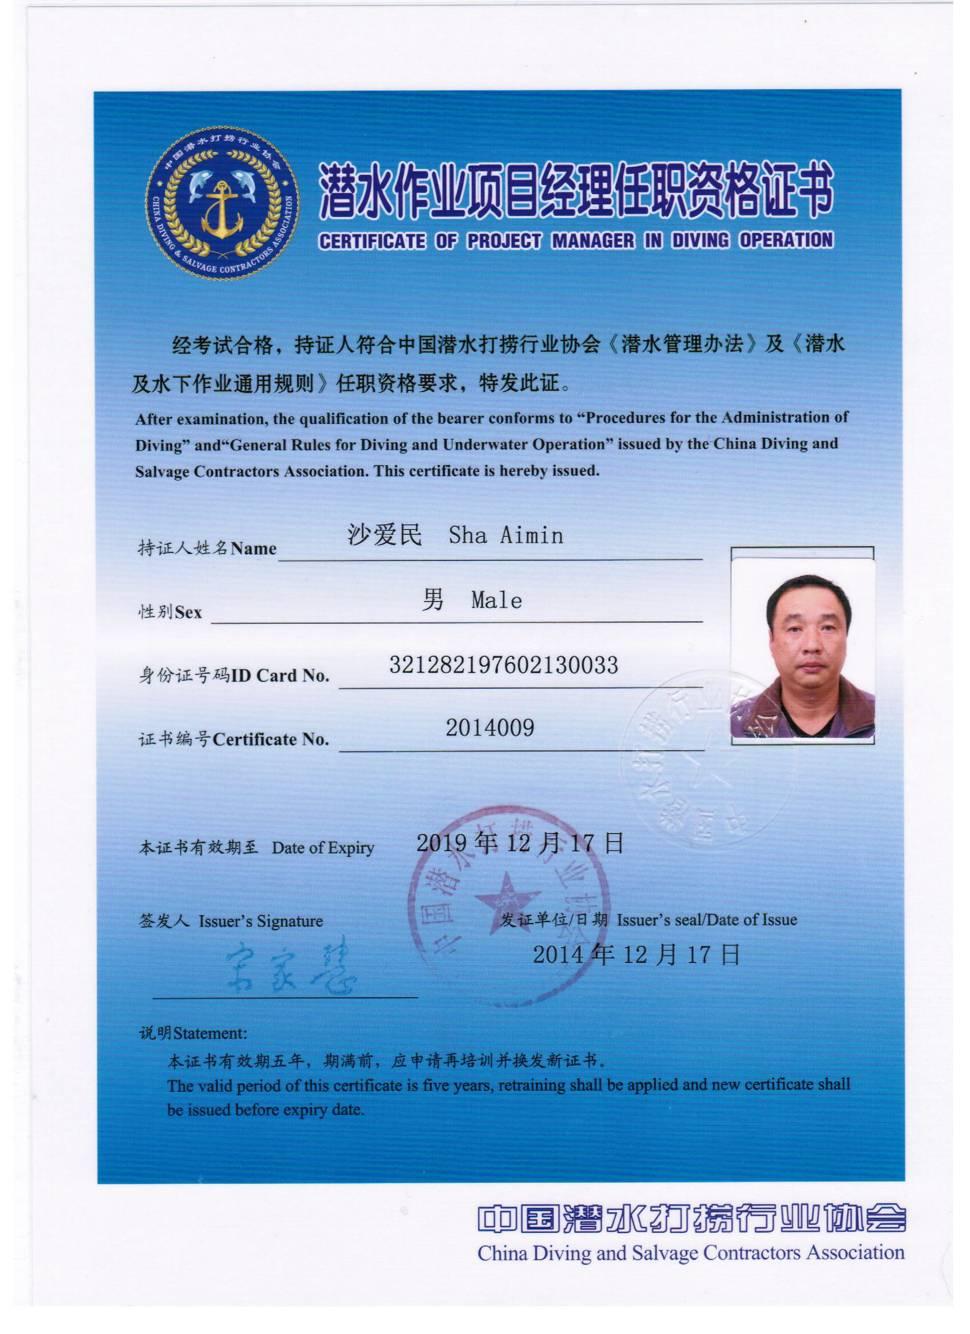 潜水作业项目经理任职资格证书